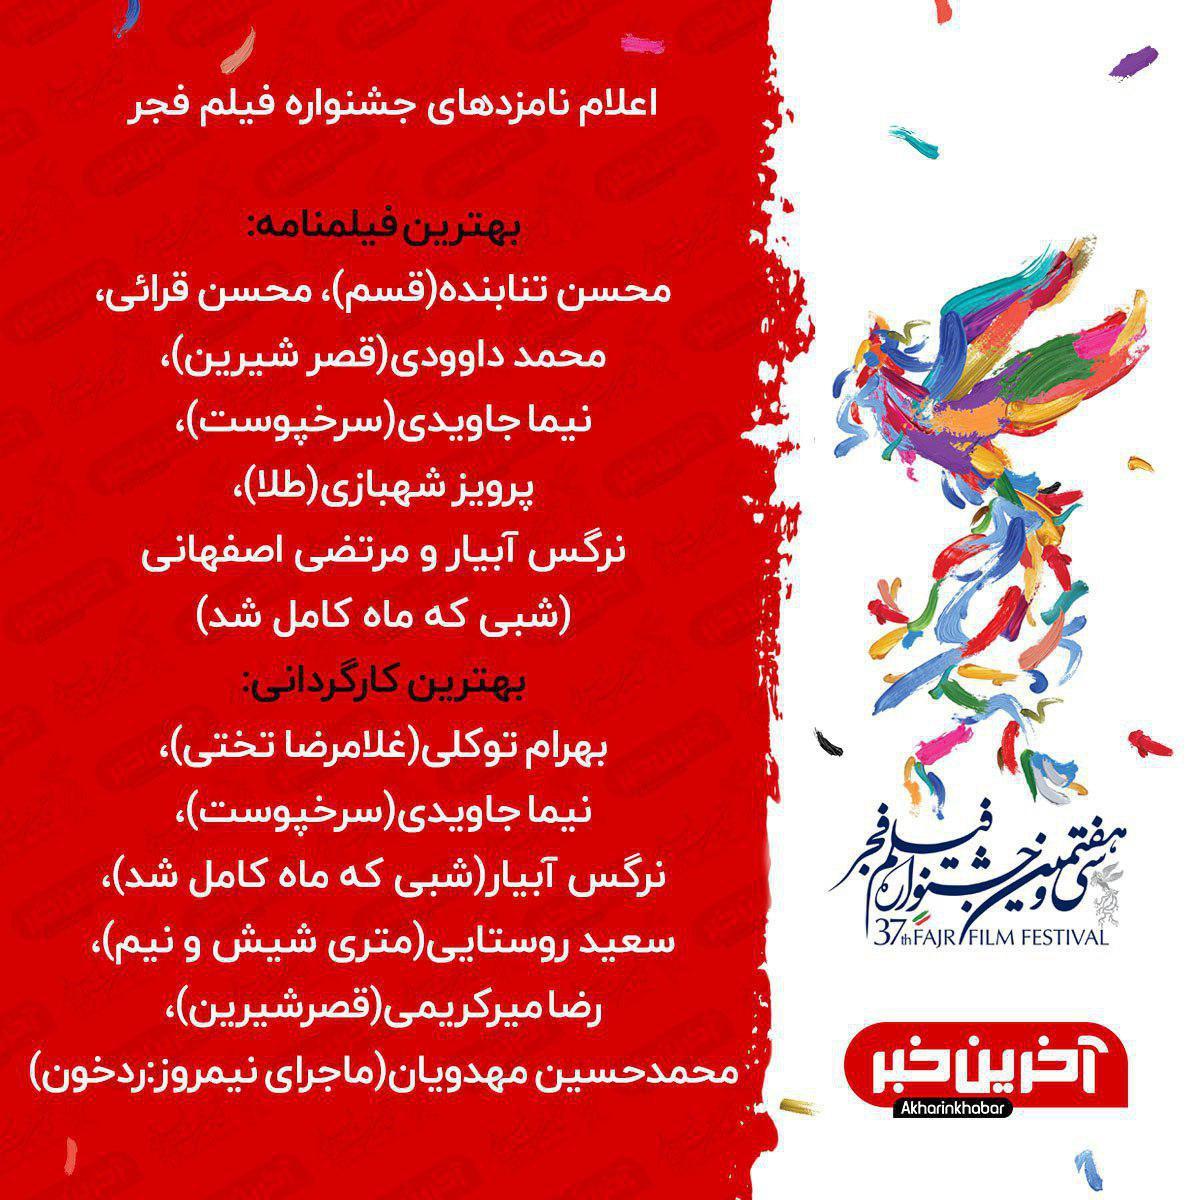 اعلام نامزدهای بهترین  فیلمنامه و کارگردان فیلم فجر+عکس